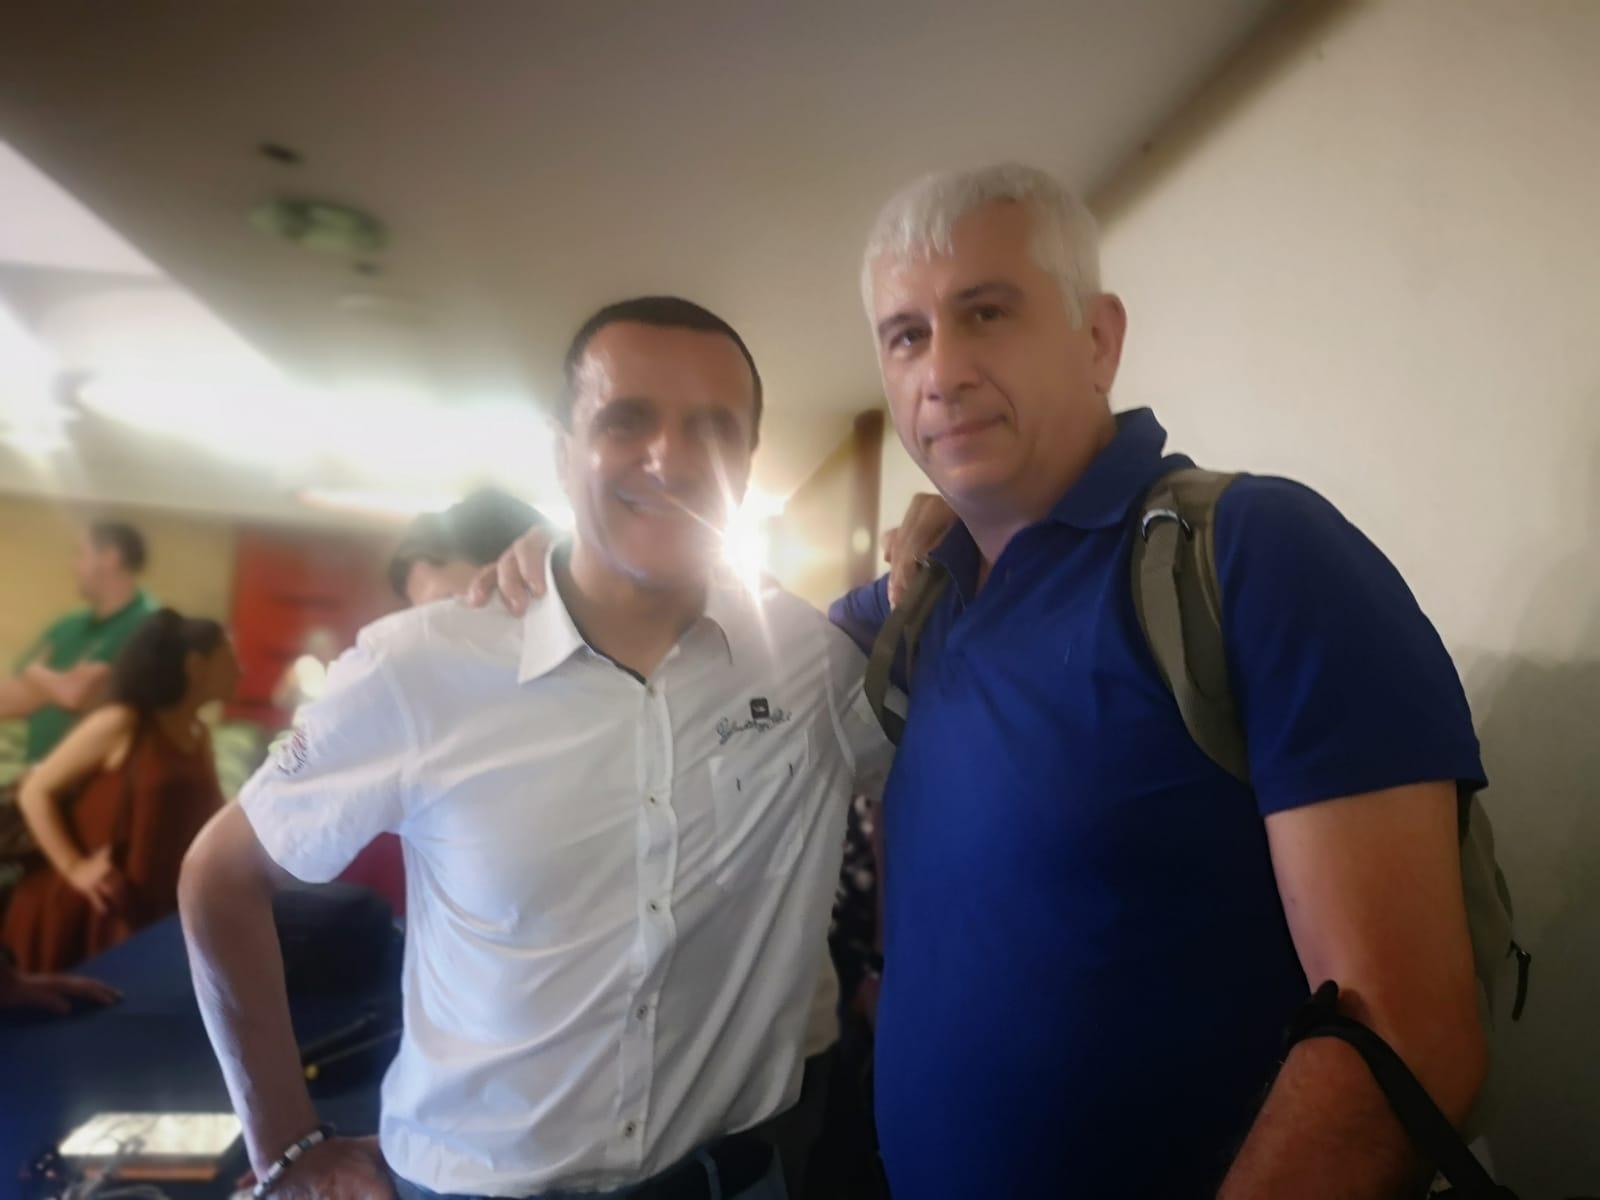 CONFERENZA UFO A PALERMO CON MIO INTERVENTO